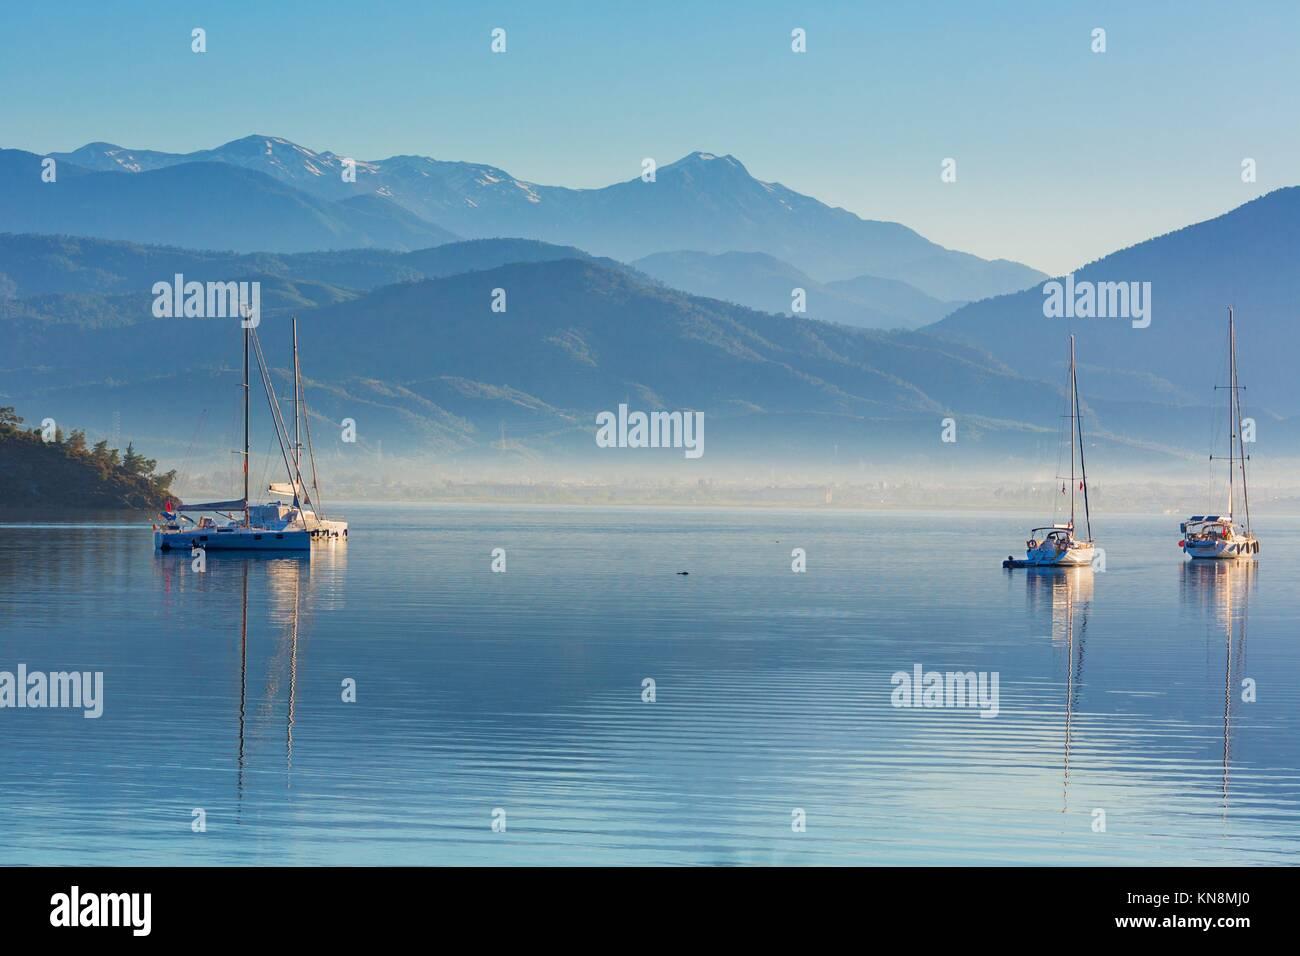 Anchored yachts at misty morning on the lake on mountains background, Fethiye, Mugla Province, Turkey Stock Photo